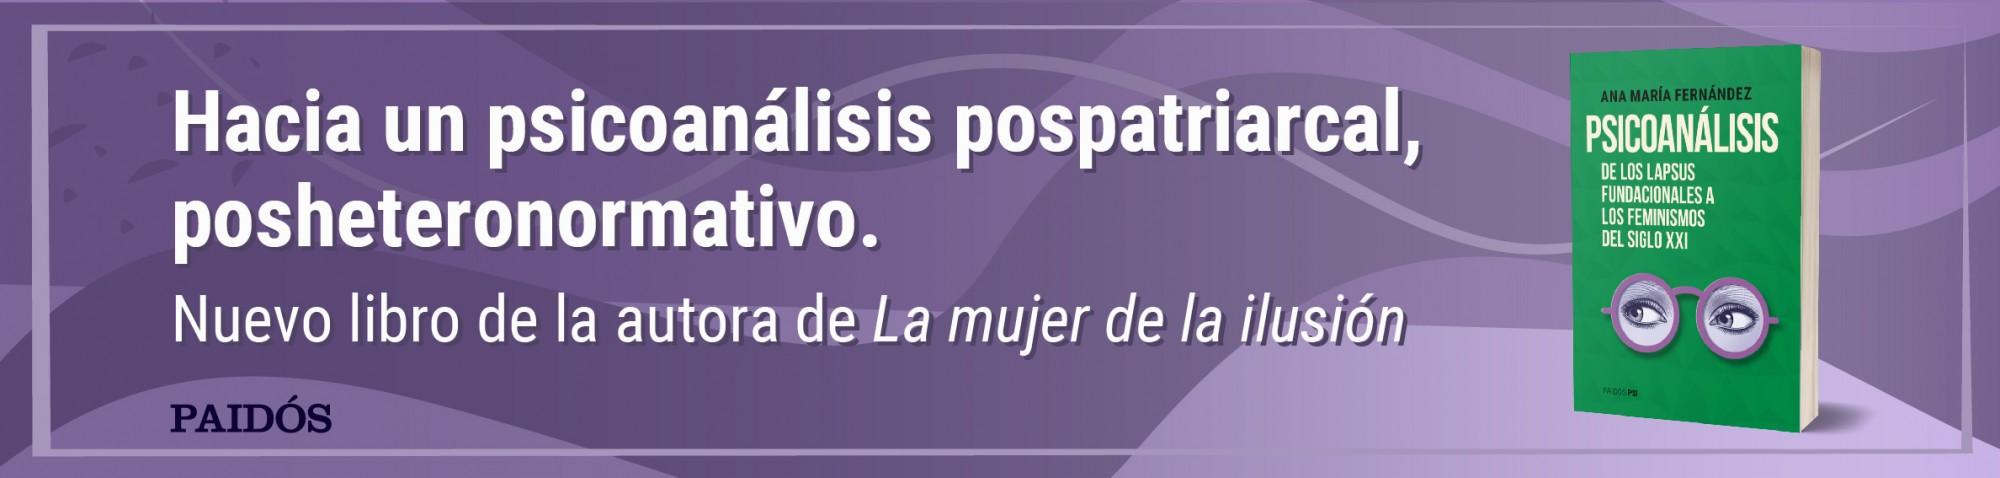 1682_1_PIEZAS_PSICOANALISIS_1140X272_PX_PDL.jpg